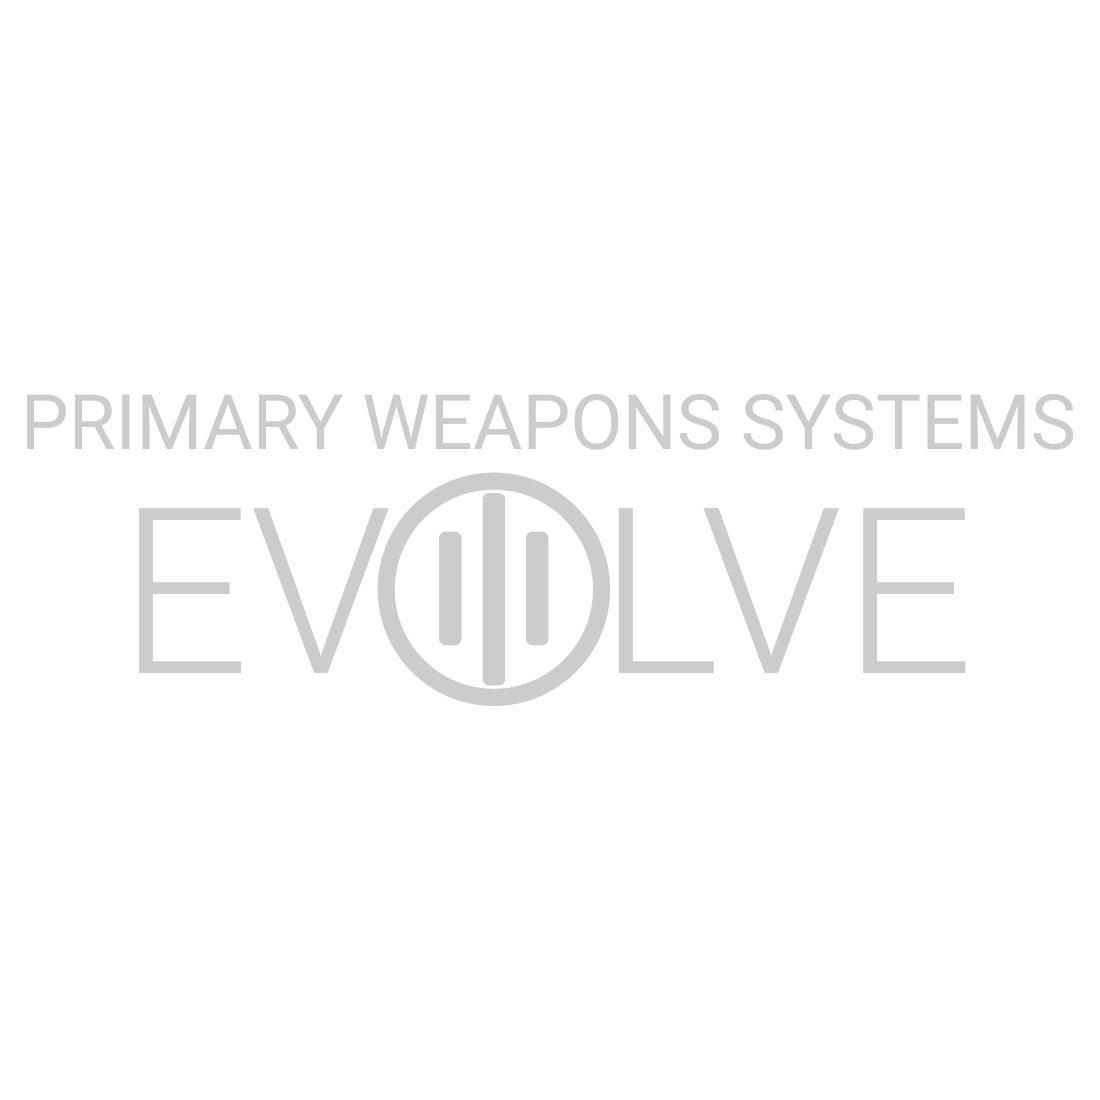 MK111 MOD 1-M Rifle .223 Wylde